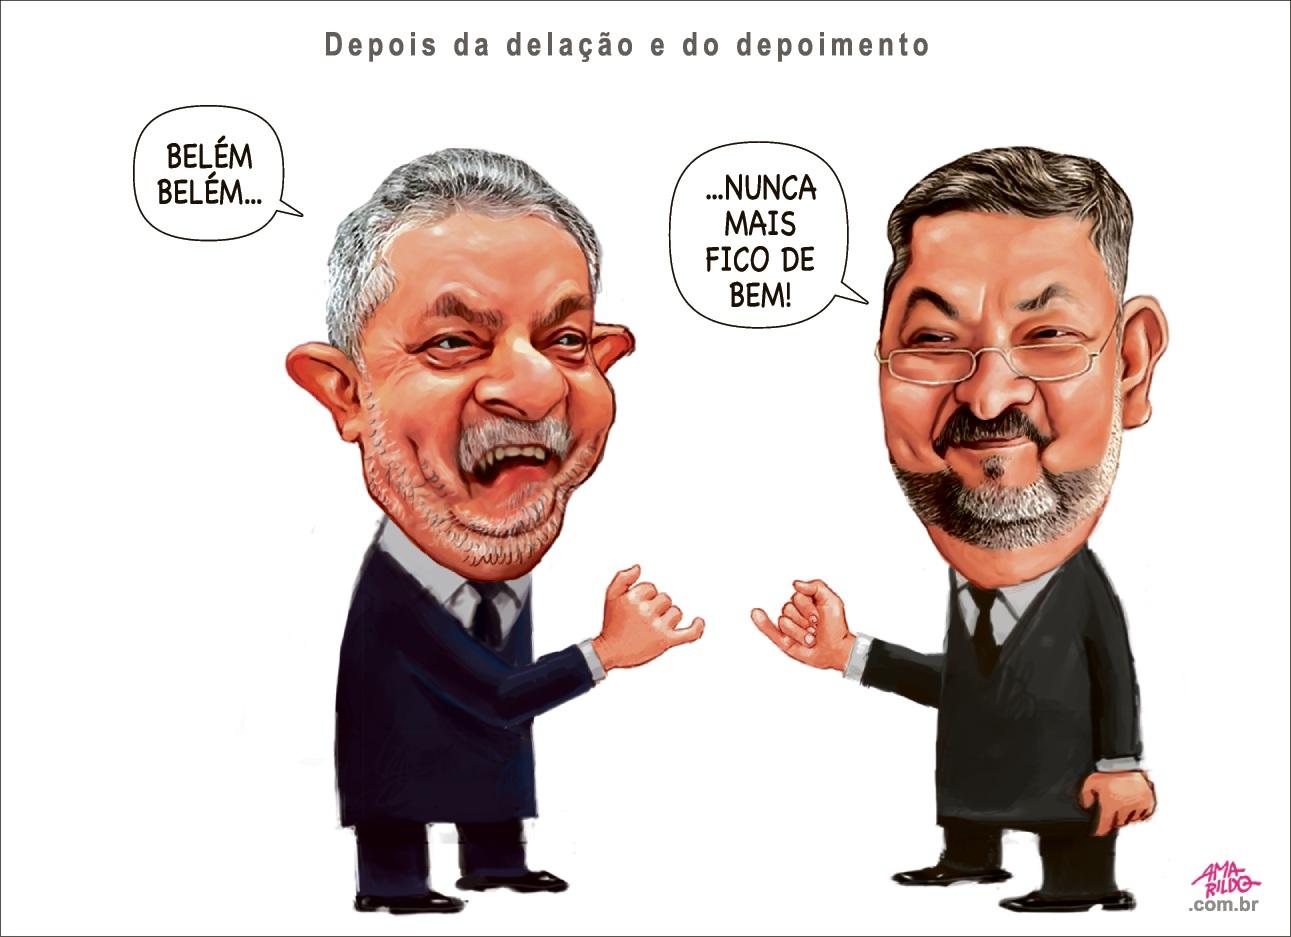 Lula e Palocci depois da delação...